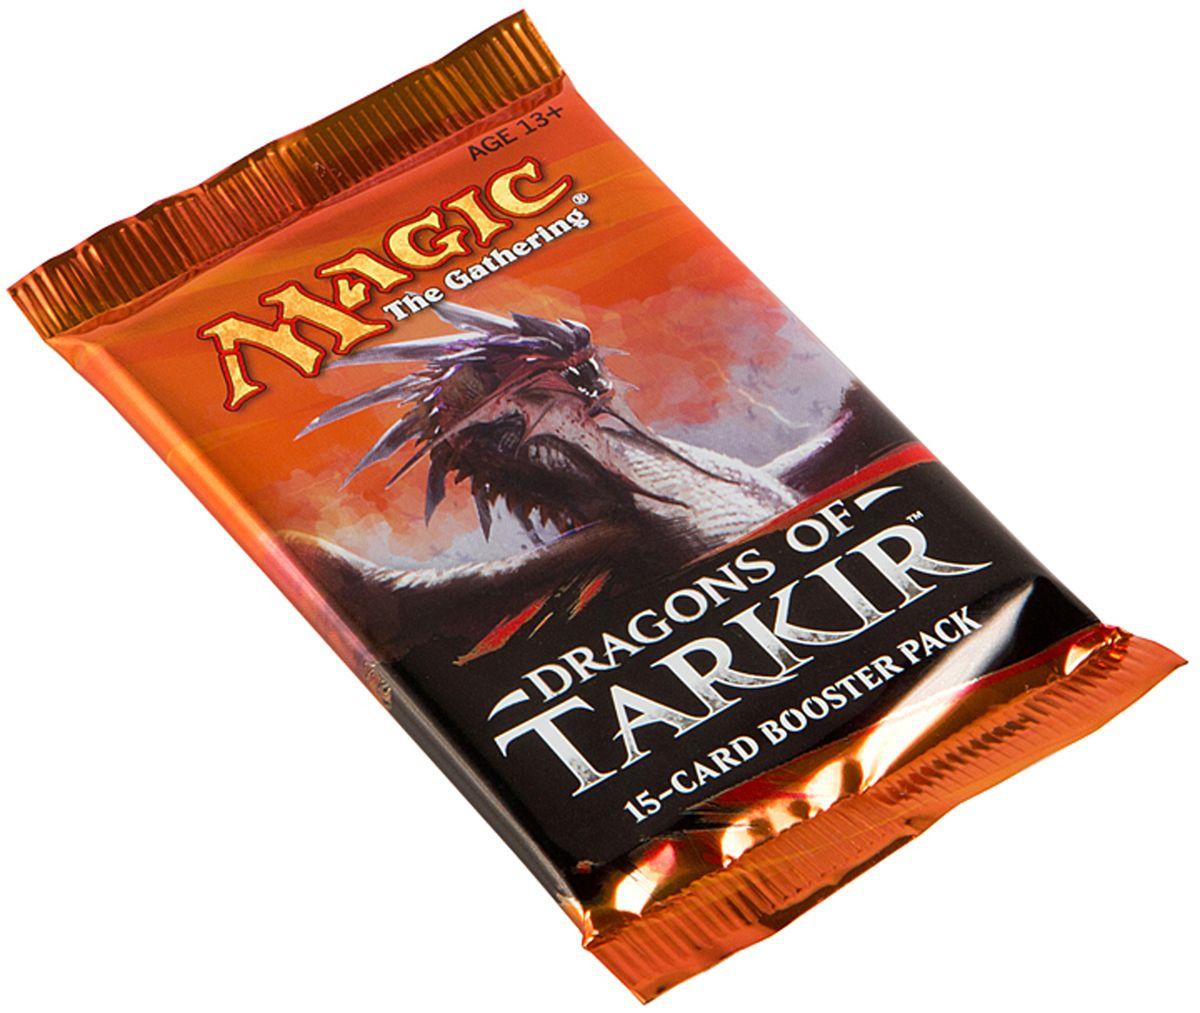 Magic: The Gathering Настольная игра Драконы ТаркираB19340001Каждый бустер включает в себя 15 случайных карт, из которых одна редкая или мифическая, 3 необычные и 11 обычных.